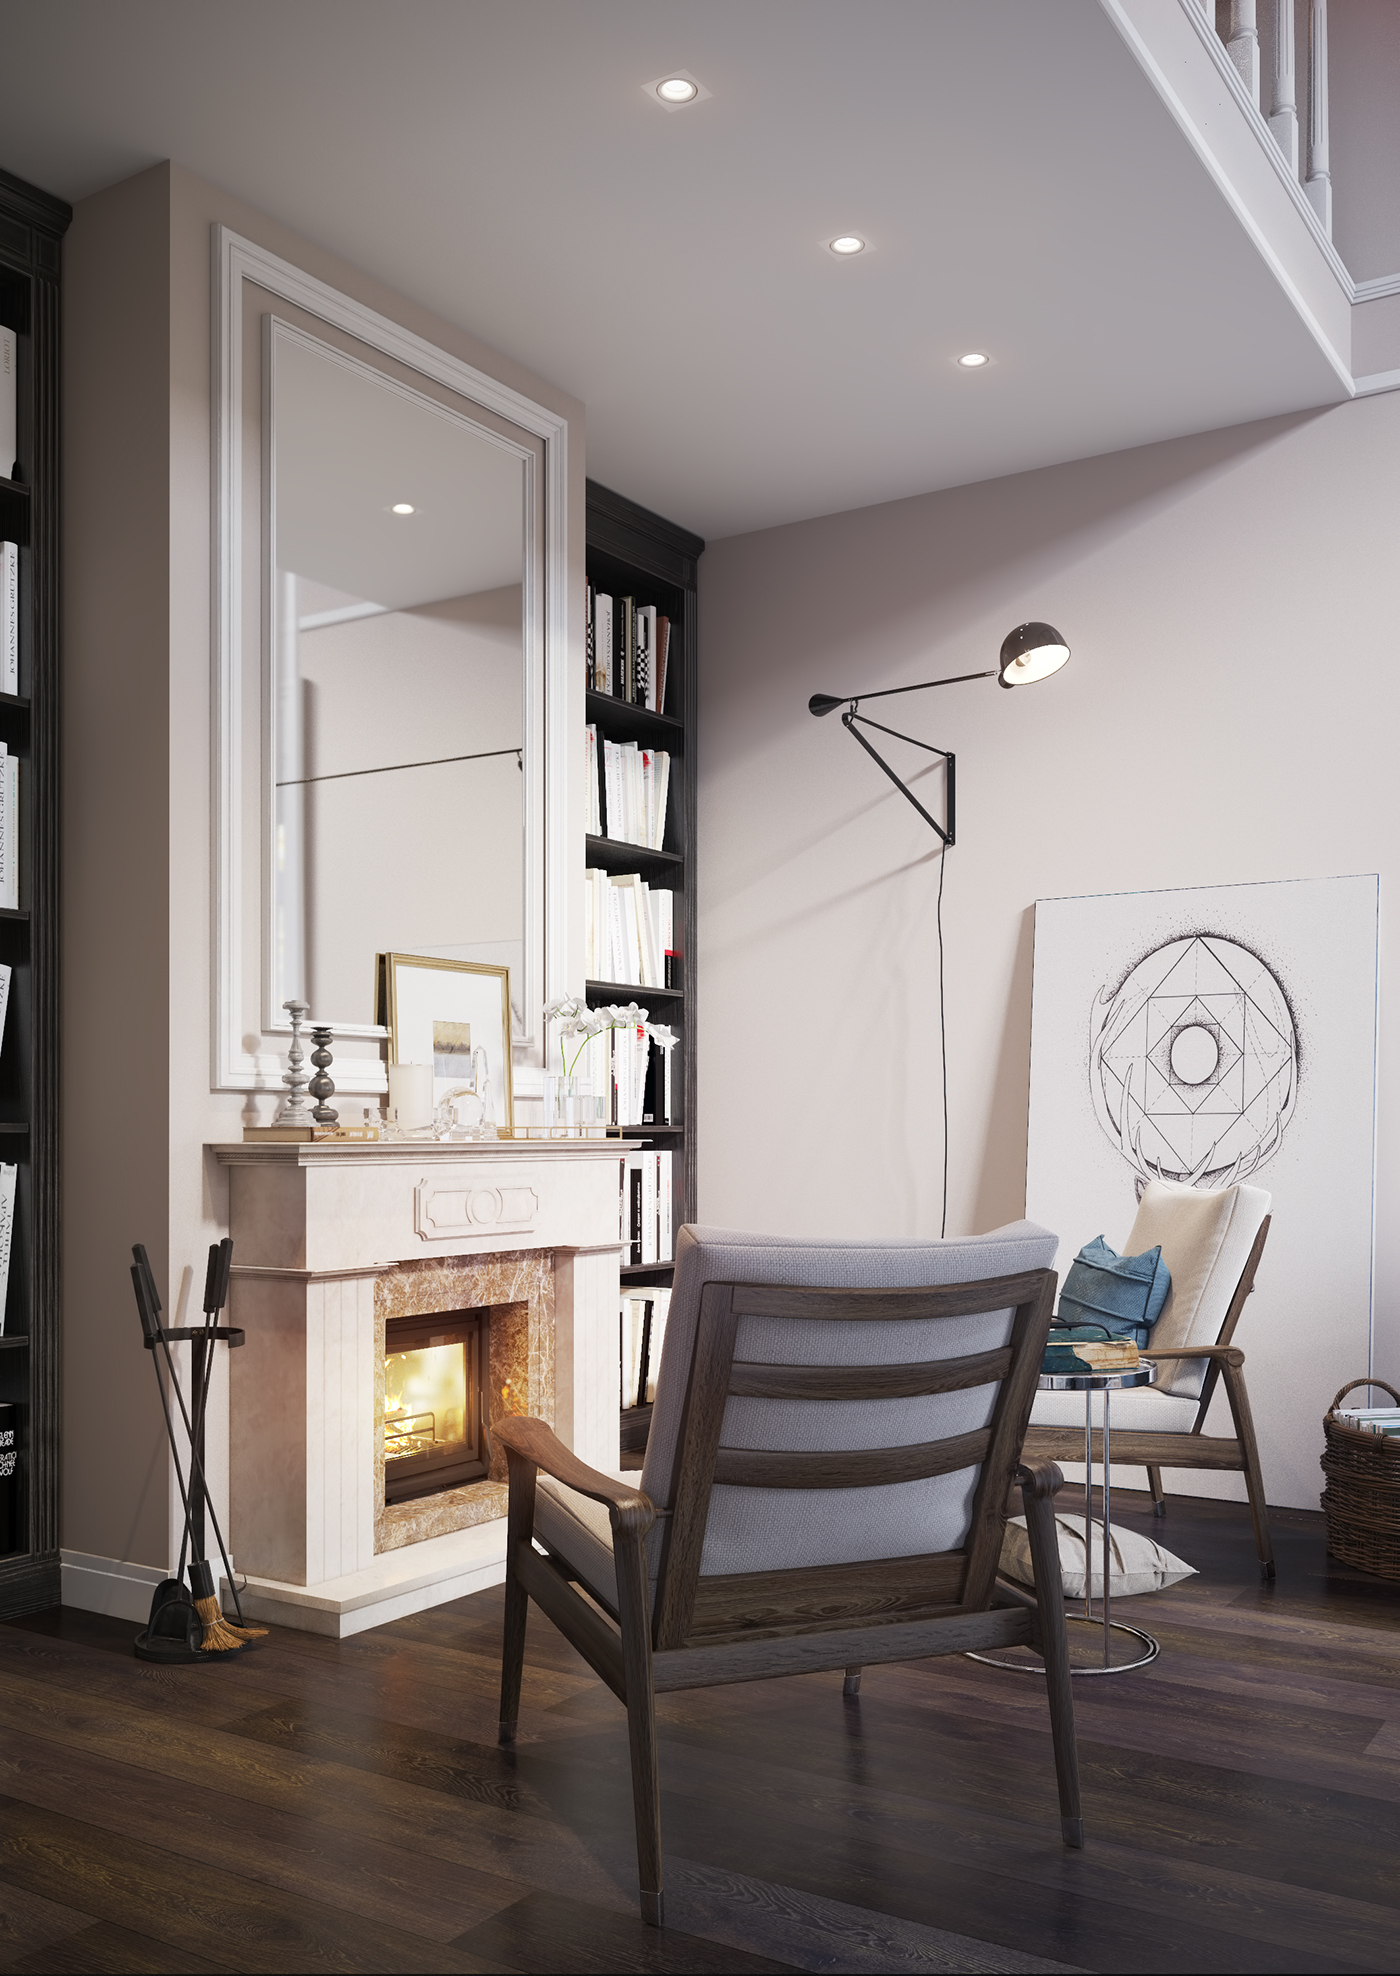 Tsvelodubovo 2016 on behance for Interior design 75063